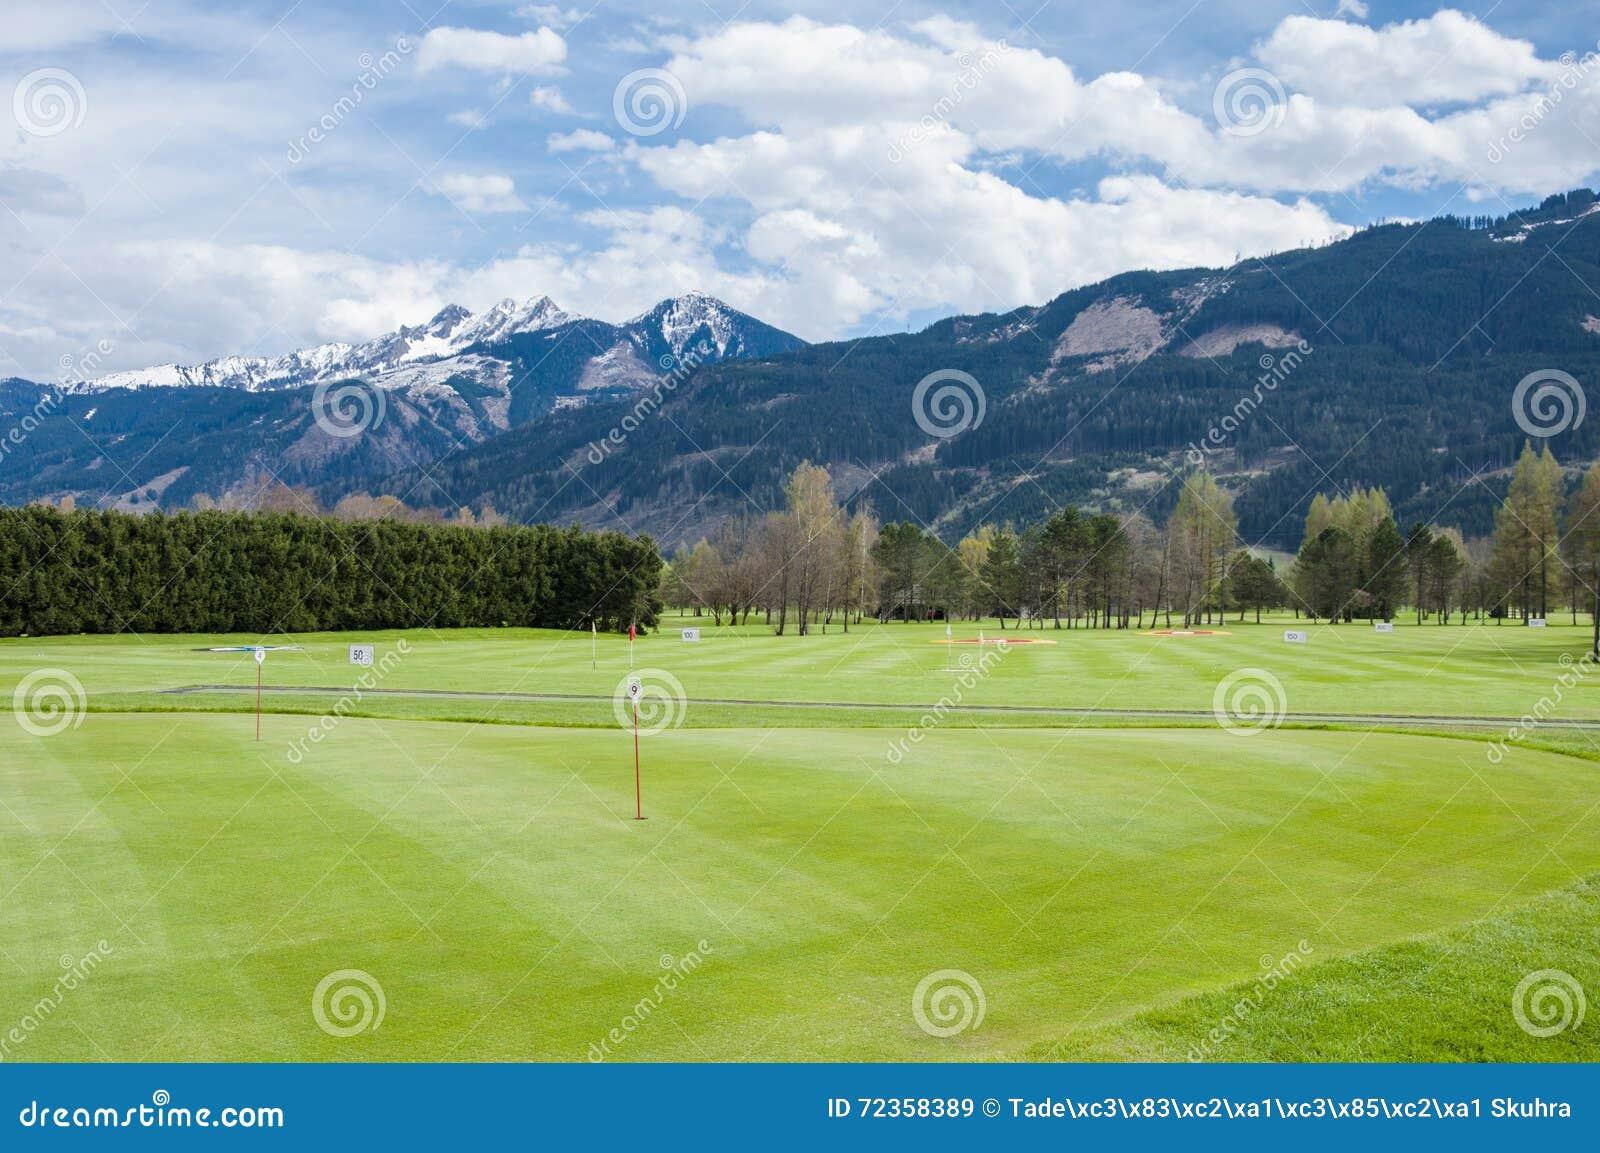 Поле для гольфа с игроками